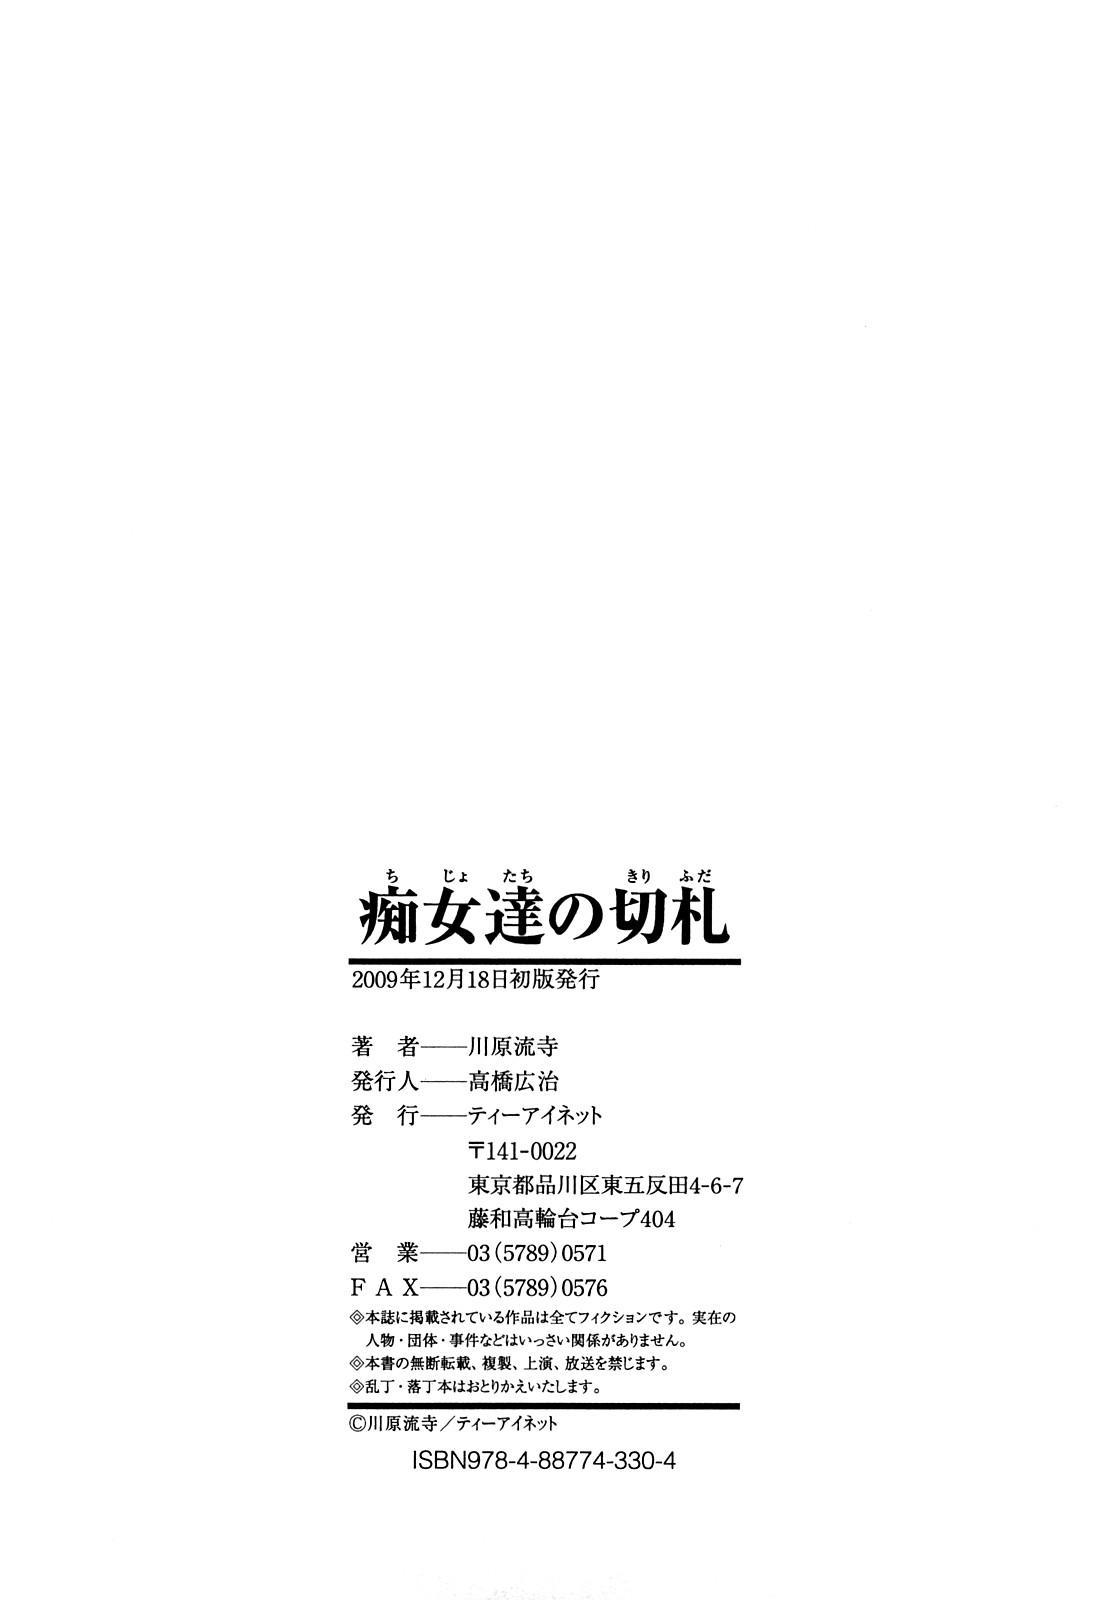 Chijyotachi no Kirifuda 210